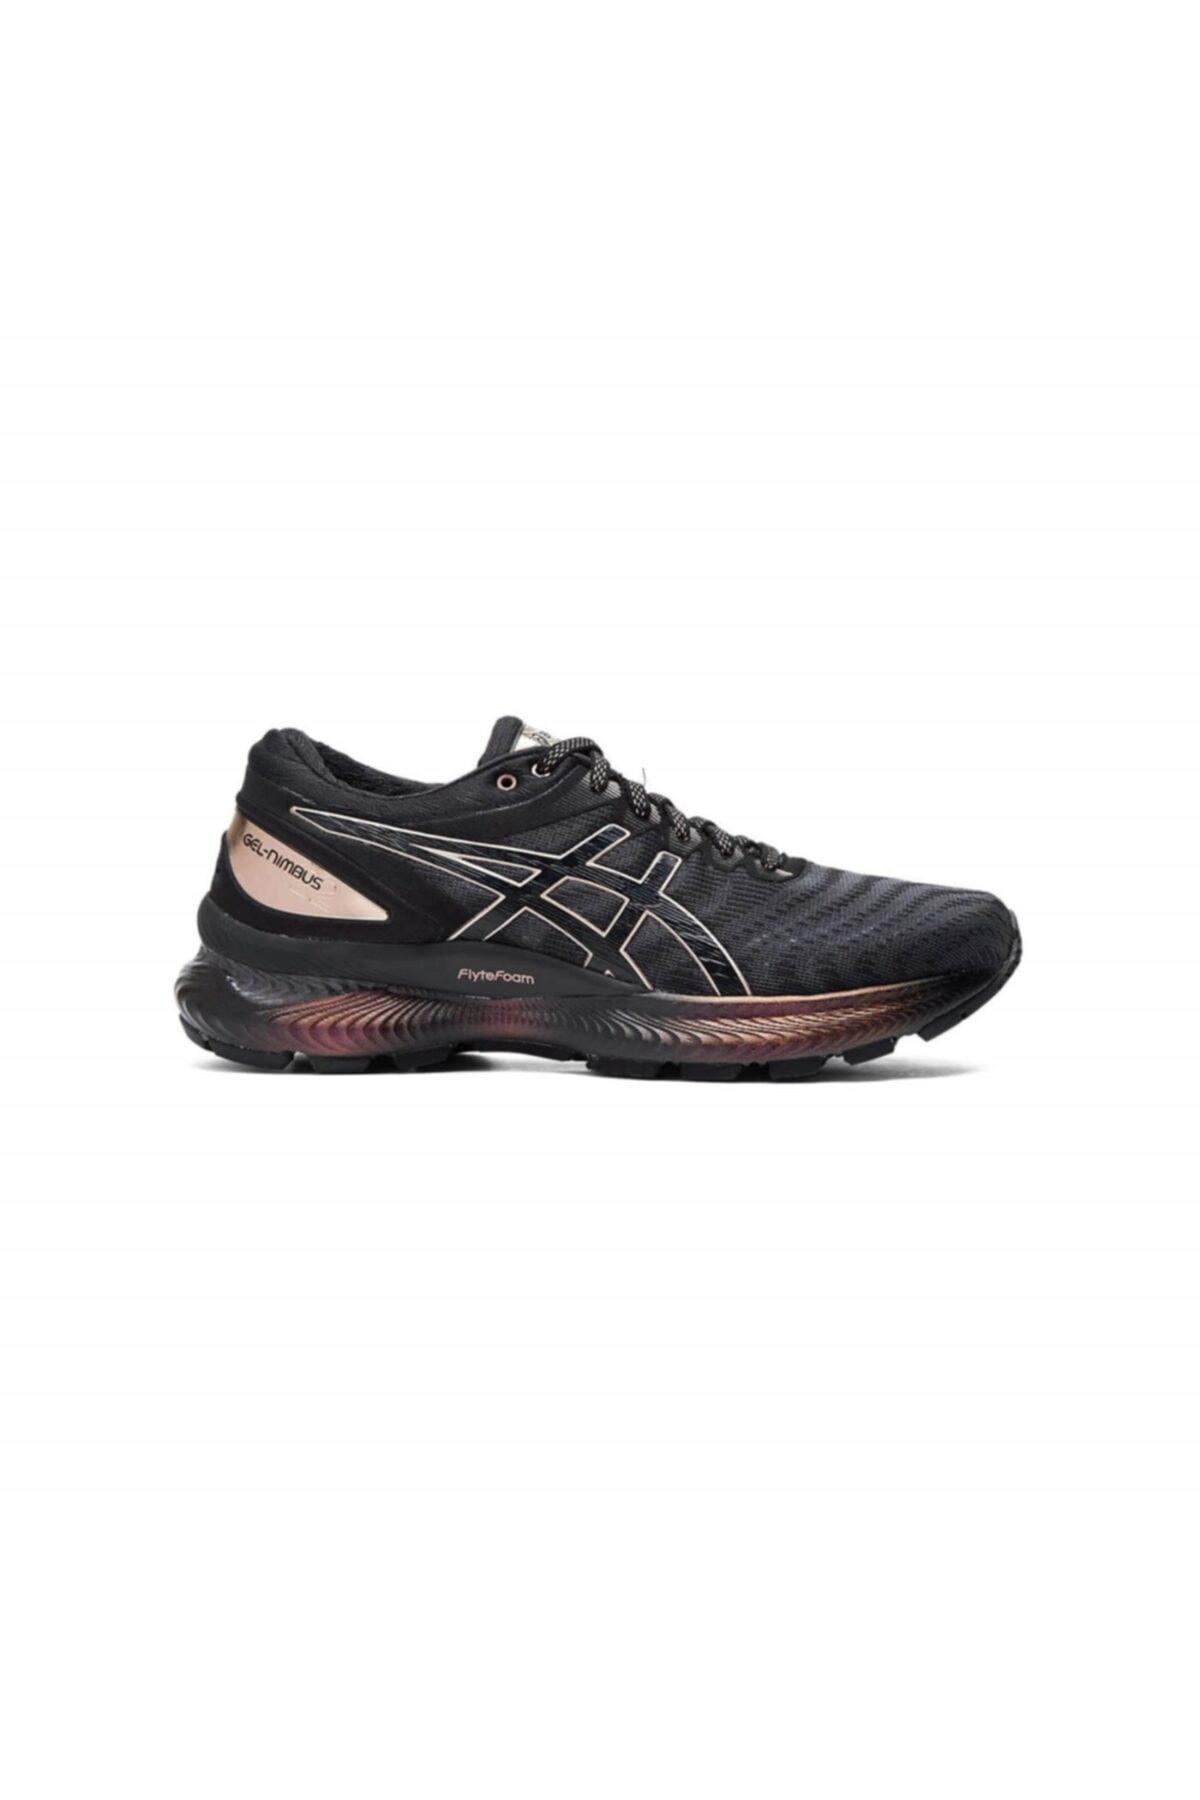 Asics Gel-nimbus 22 Platinum Kadın Koşu Ayakkabısı 1